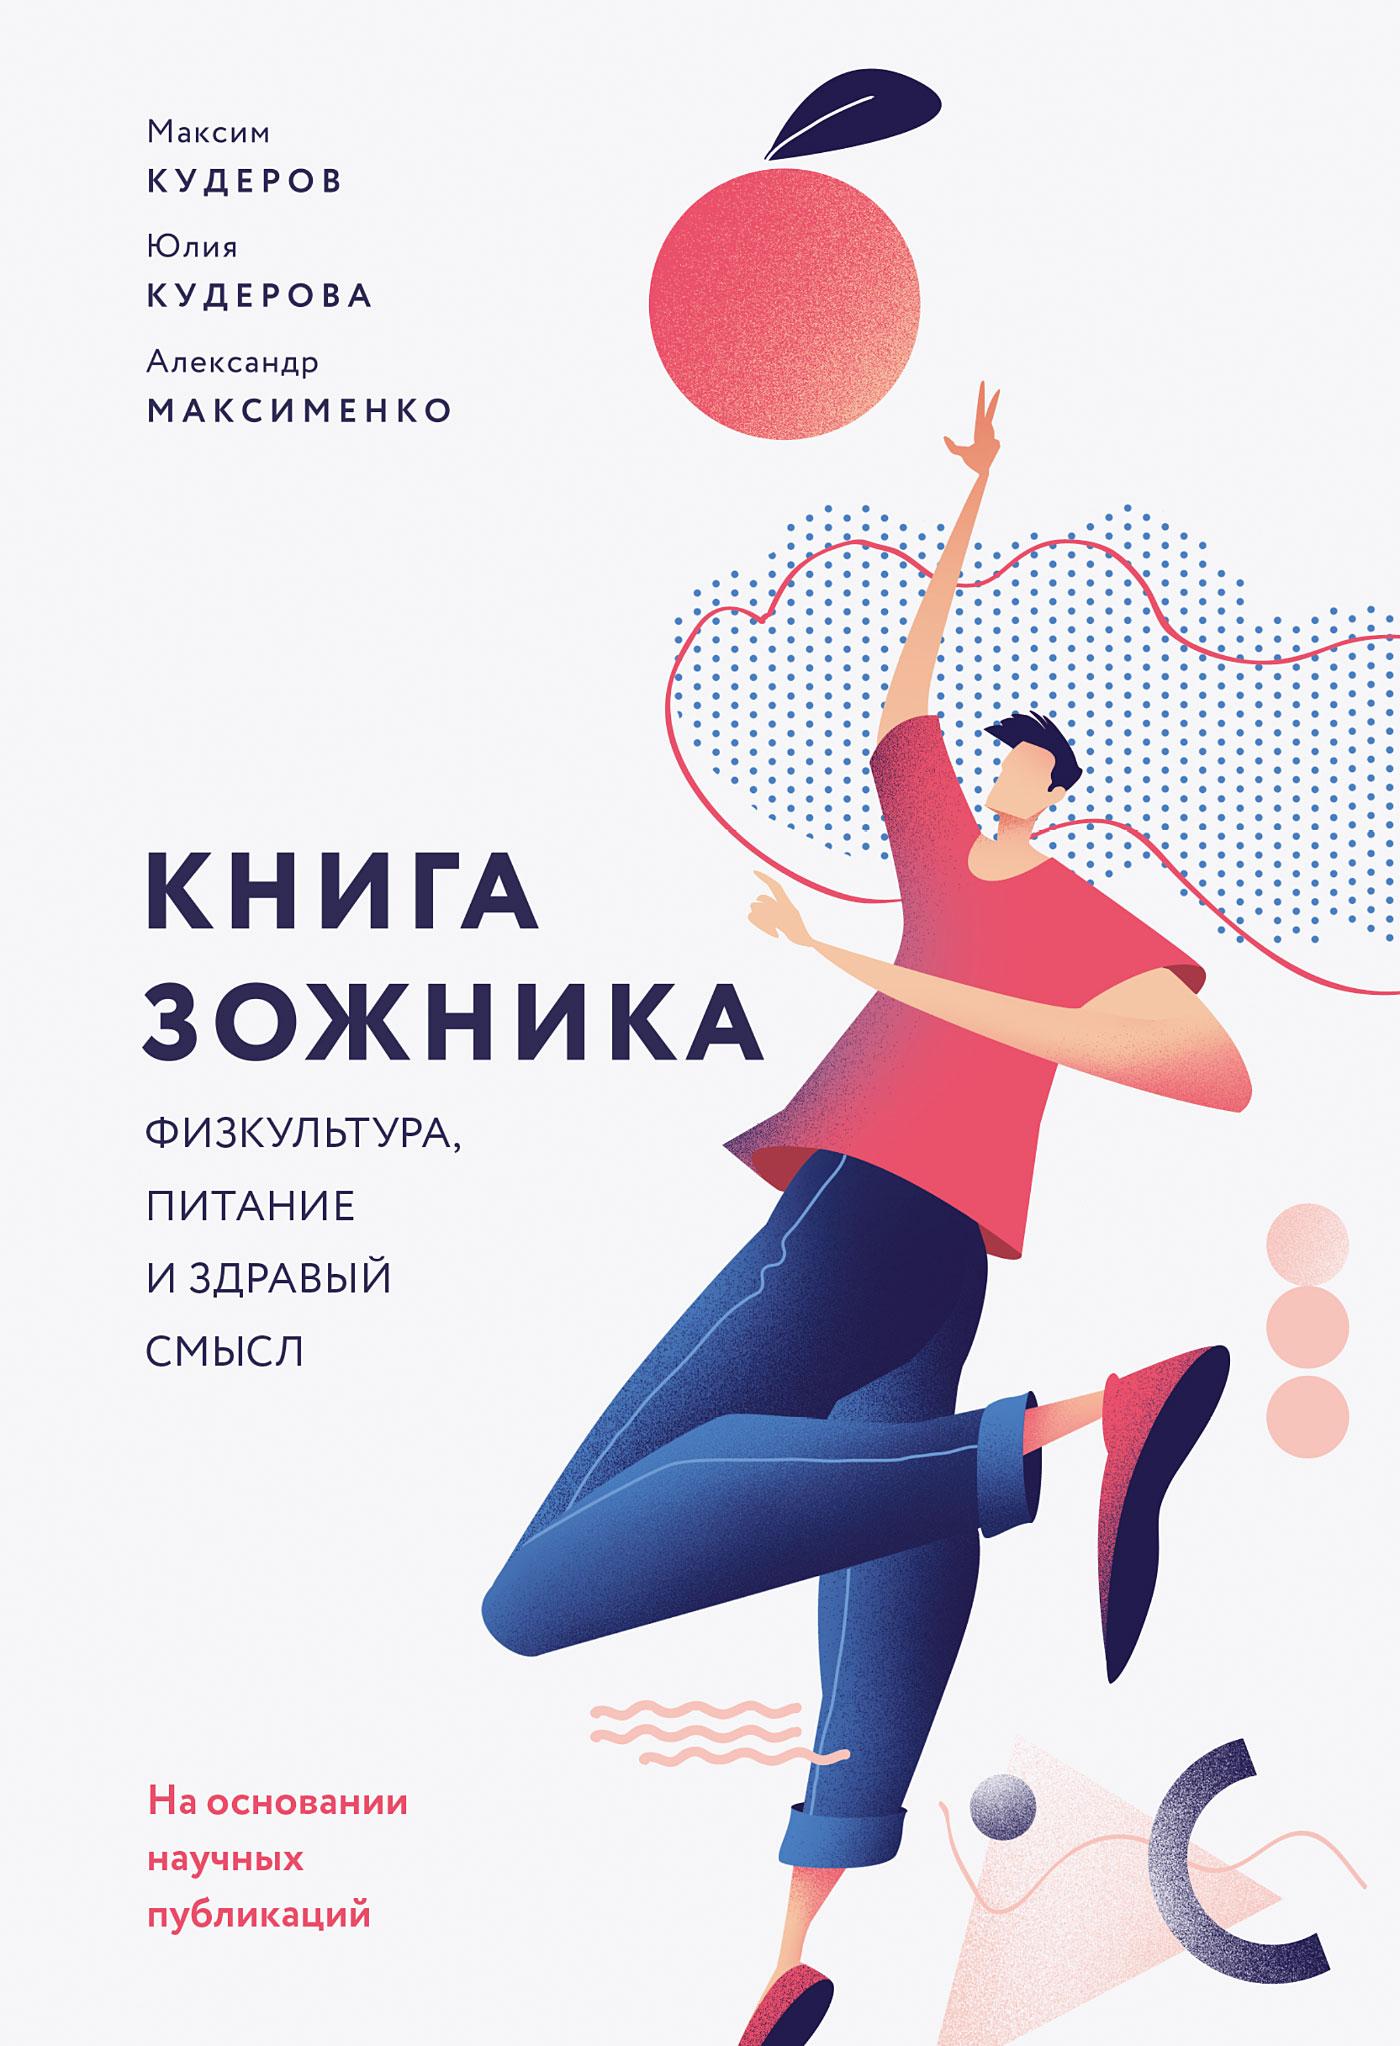 Александр Максименко, Максим Кудеров, Юлия Кудерова «Книга ЗОЖника»